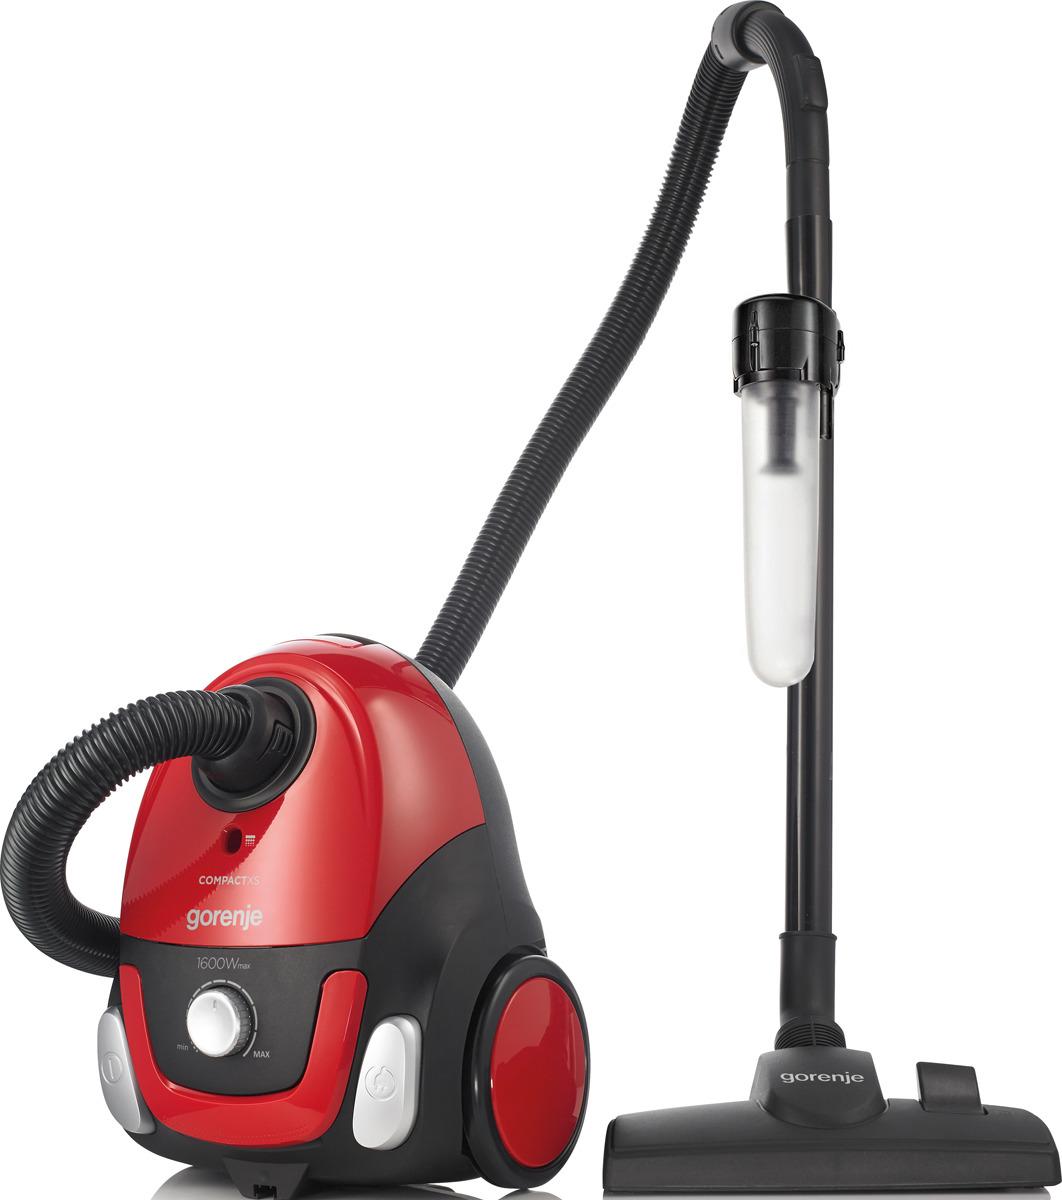 Бытовой пылесос Gorenje VC1615CXR, с мешком, 728292, красный бытовой пылесос gorenje vc1615cxr с мешком 728292 красный